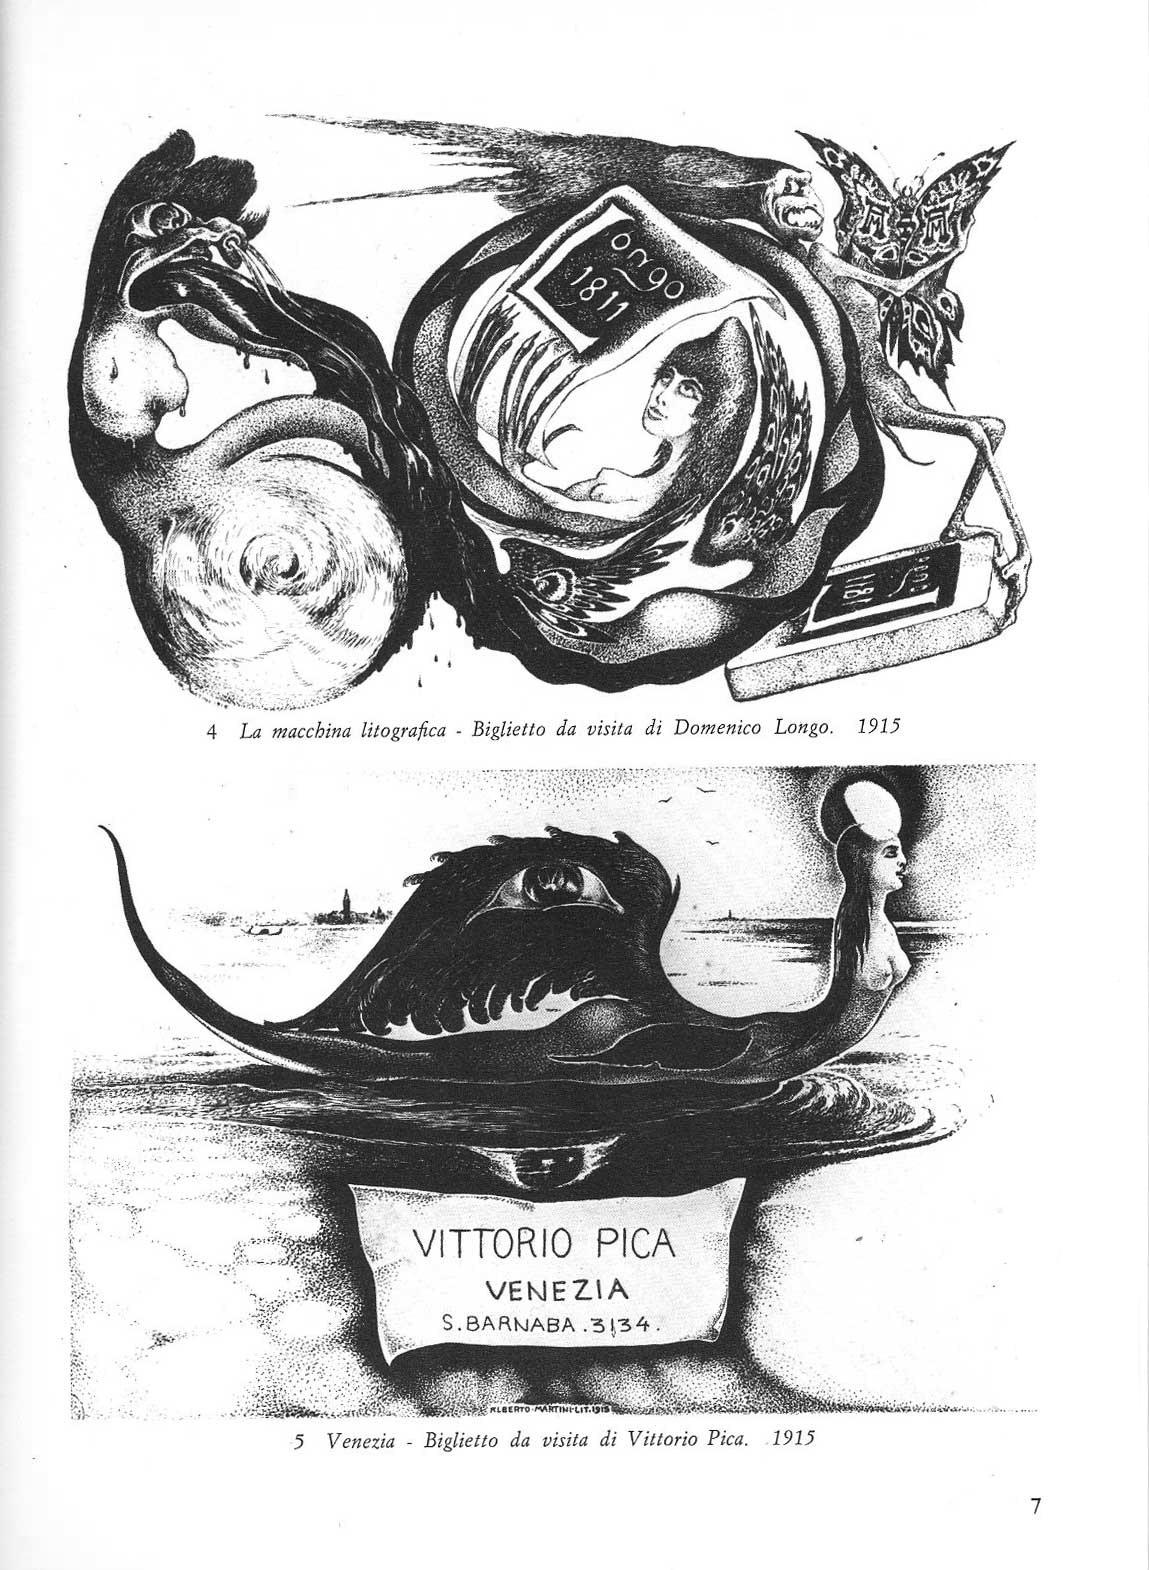 Alberto Martini - Business Cards for Domenico Longo and Vittorio Pica, 1915